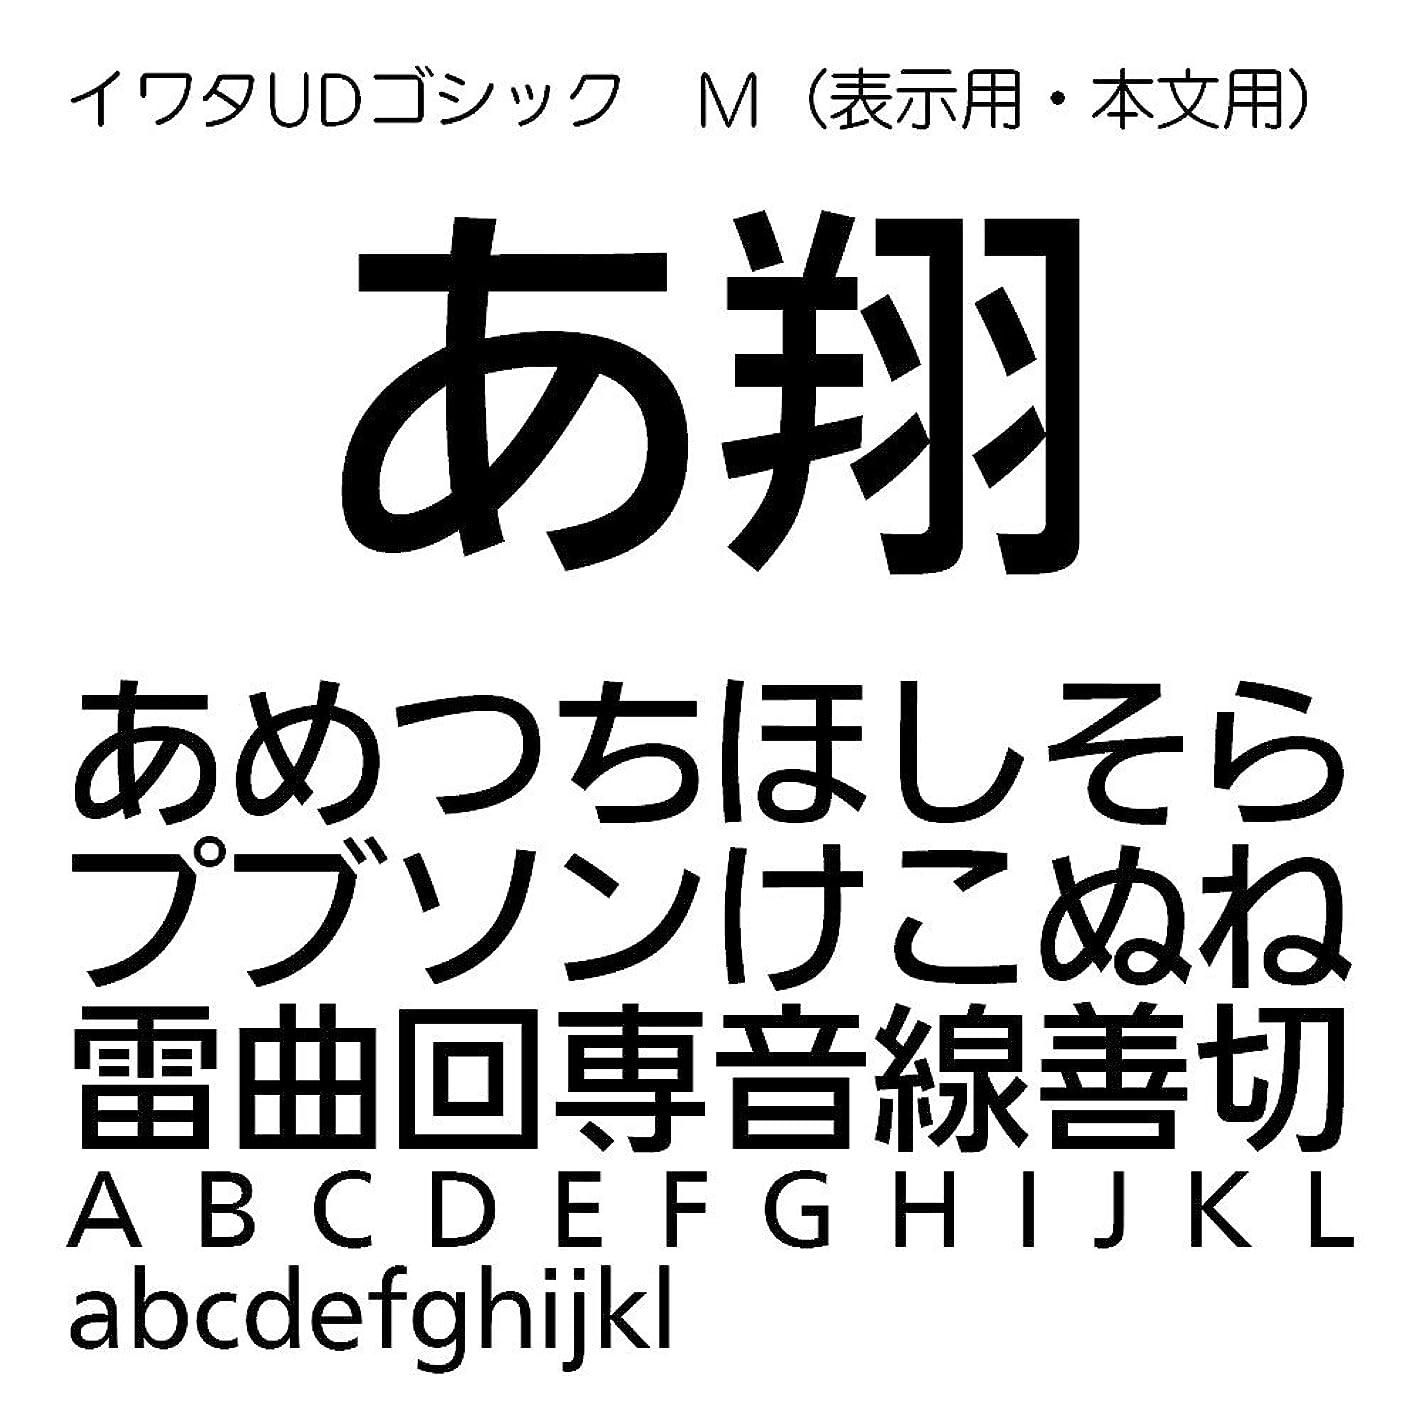 振り向く菊依存イワタUDゴシックM(表示用?本文用) TrueType Font for Windows [ダウンロード]